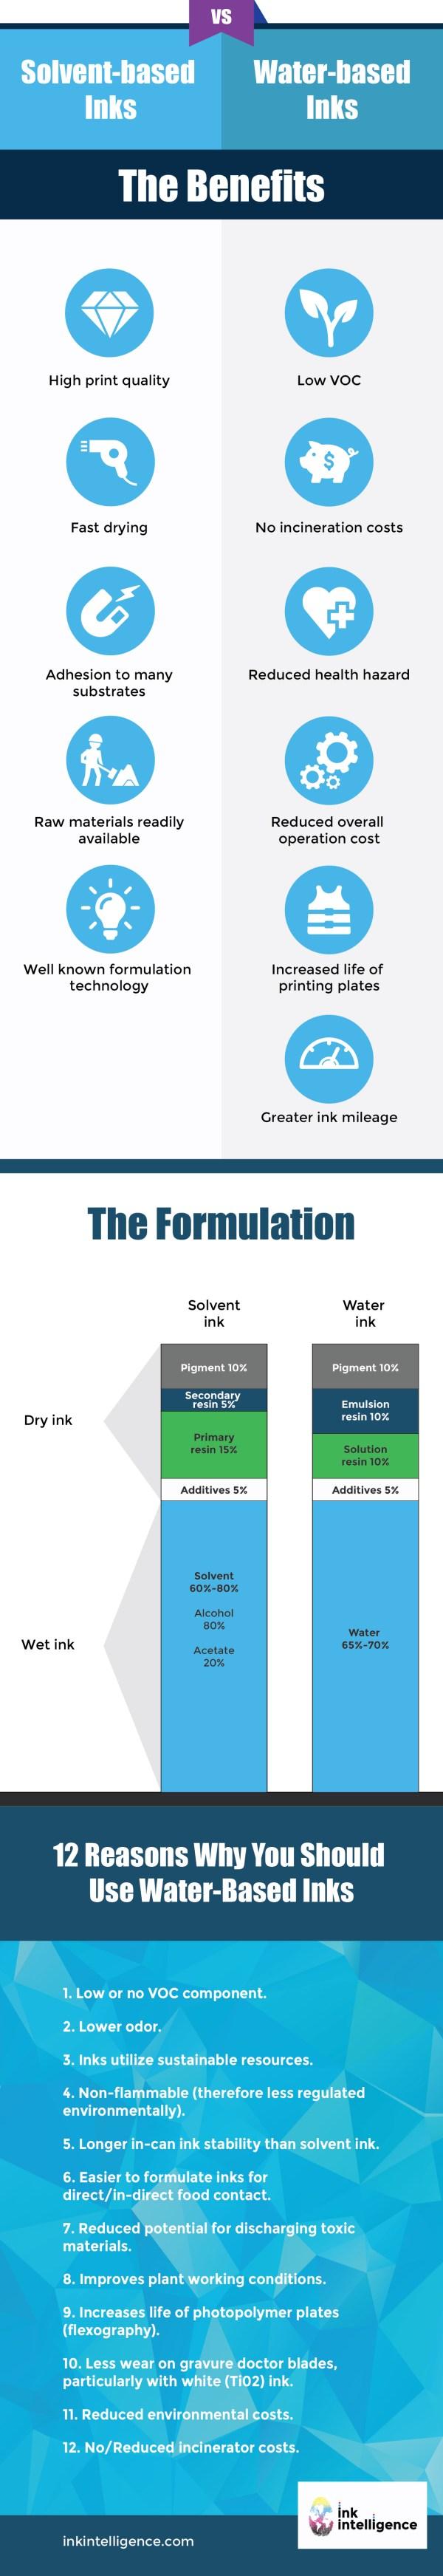 Solvent Based VS Water Based inks